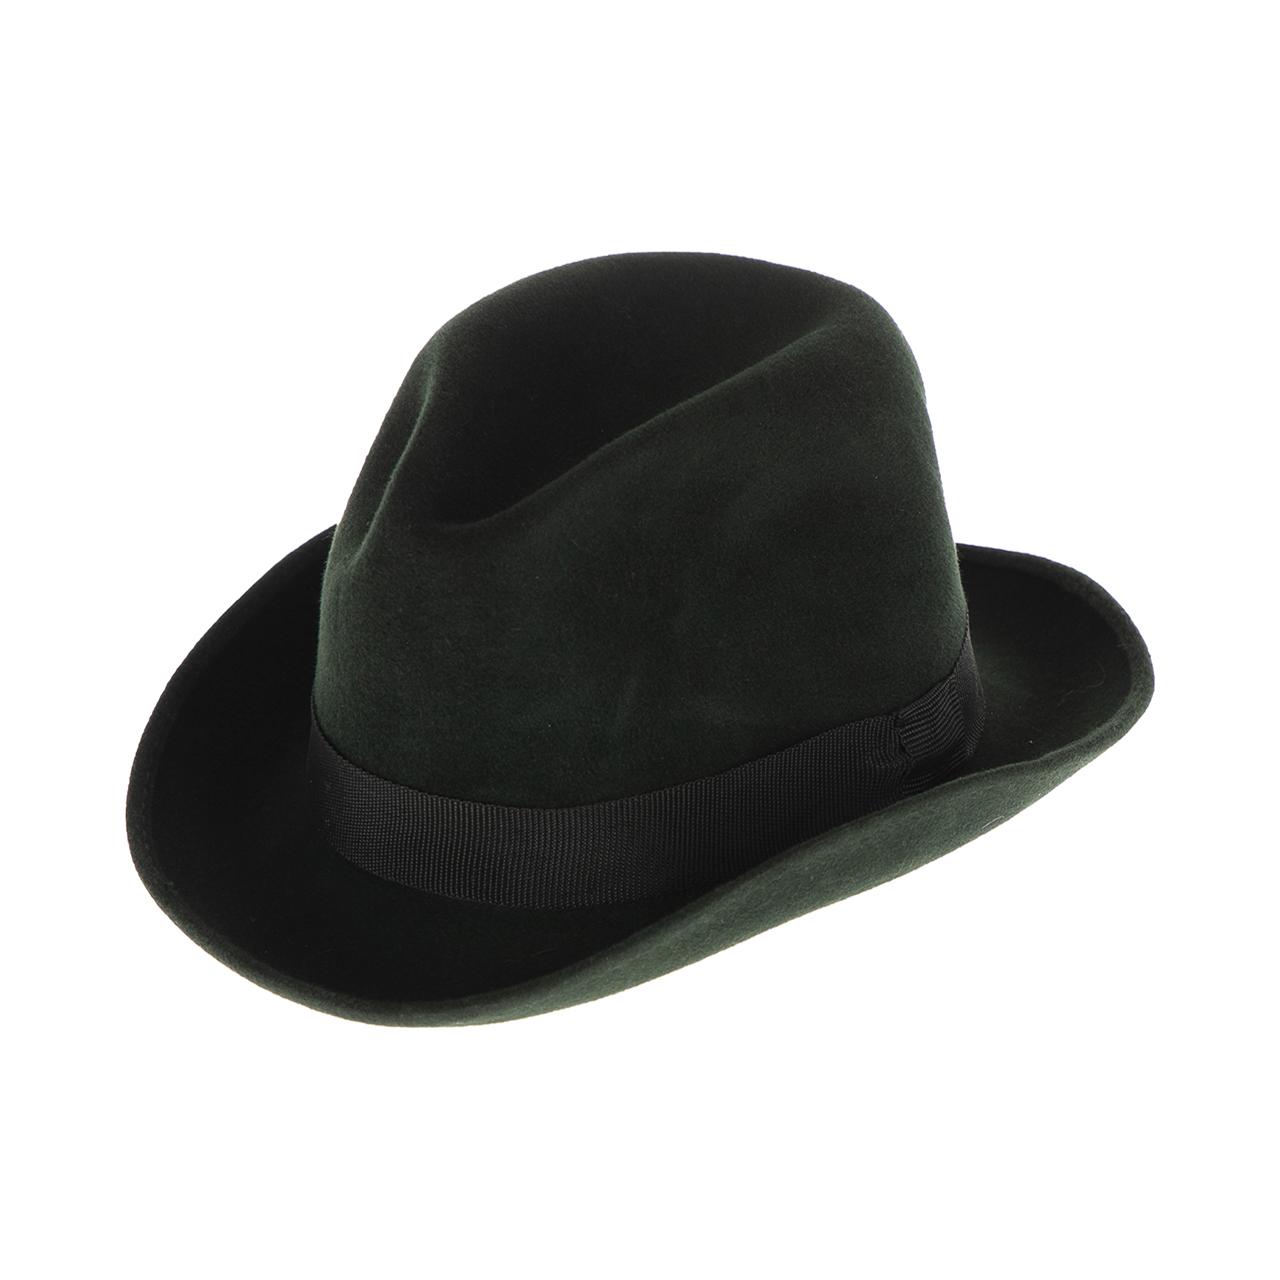 عکس کلاه شاپو چمپیون مدل DA2